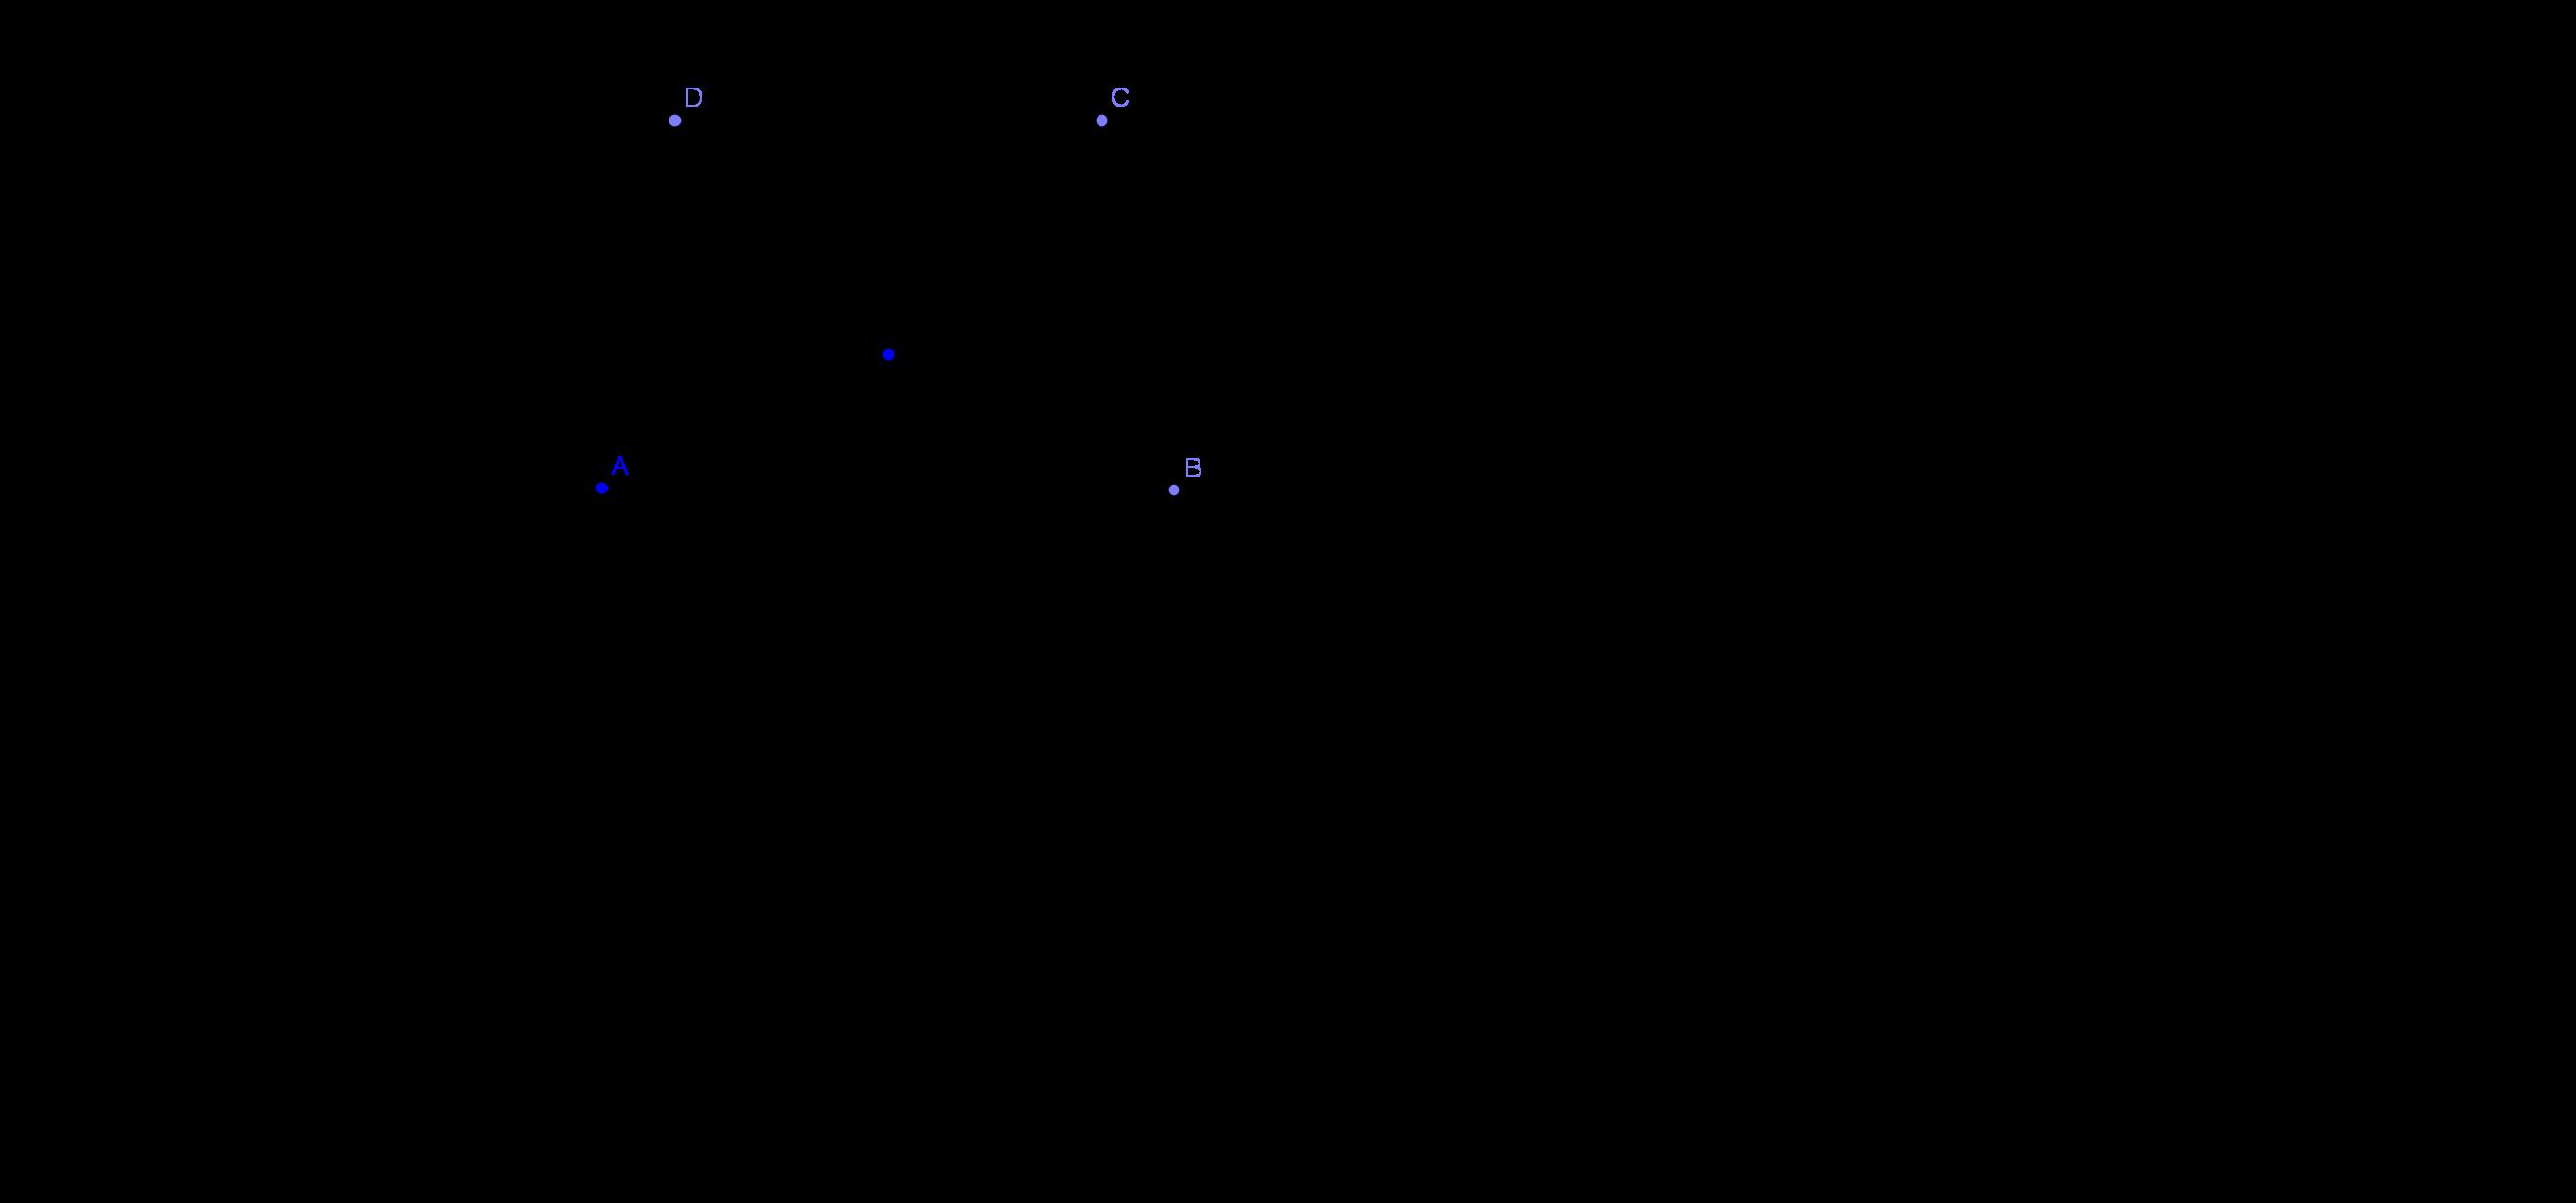 Описана окръжност около трапец